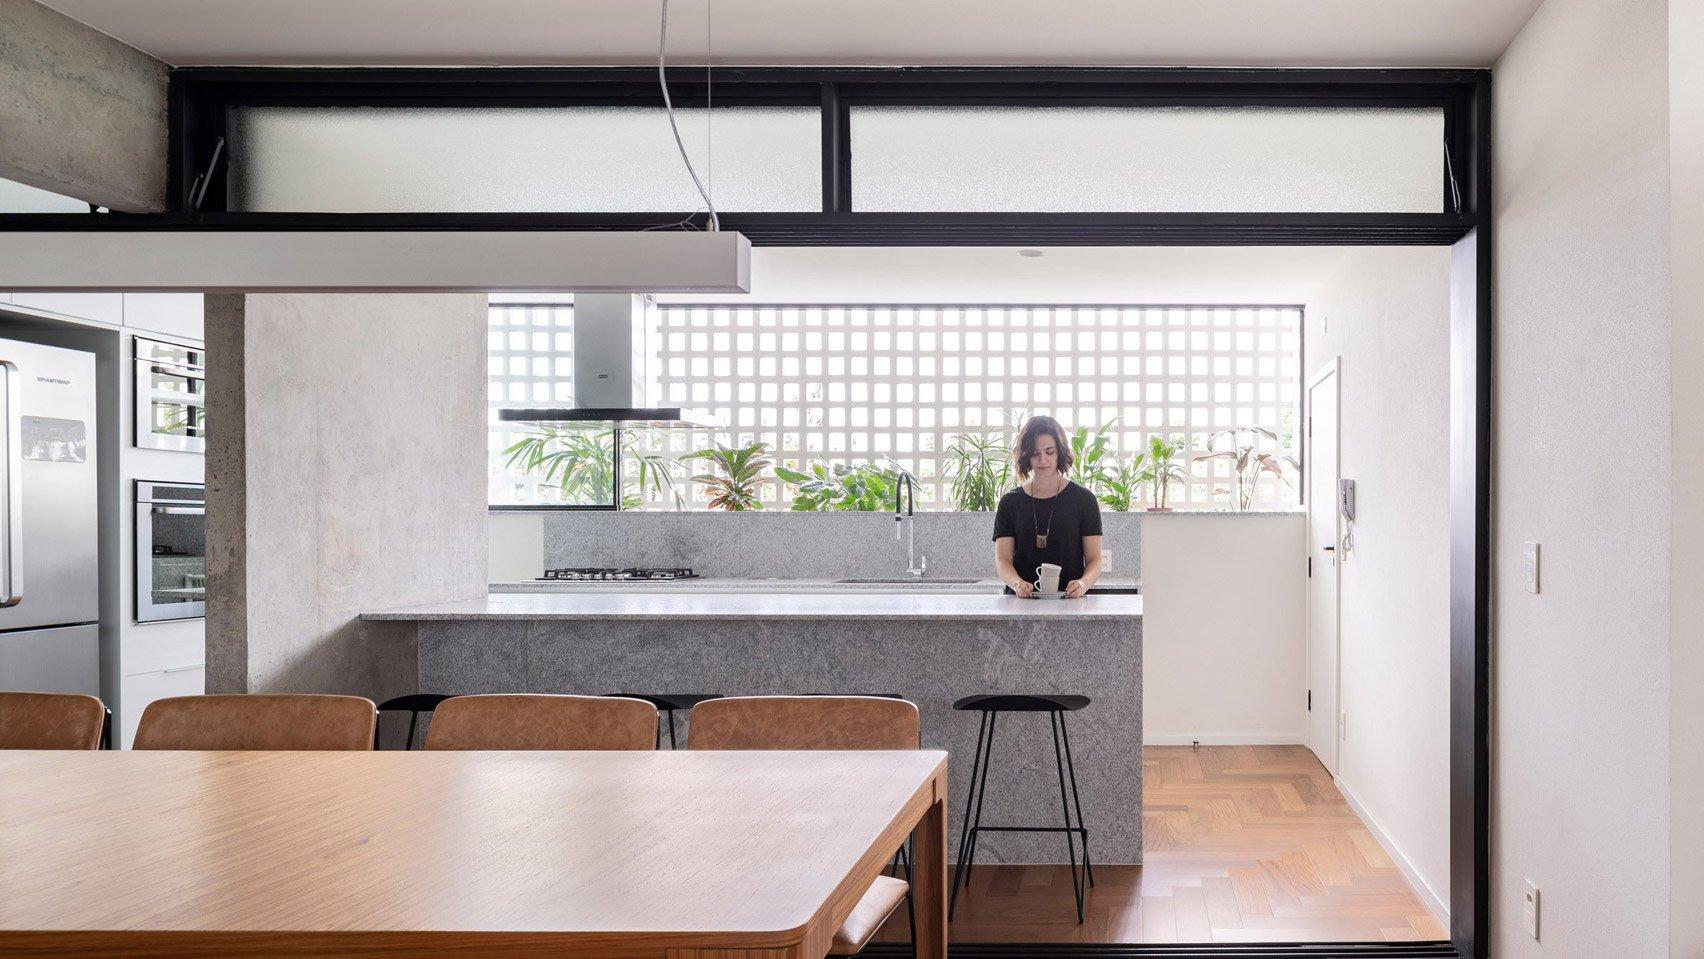 308 S apartment in Brasilia, Brazil, by Bloco Arquitetos